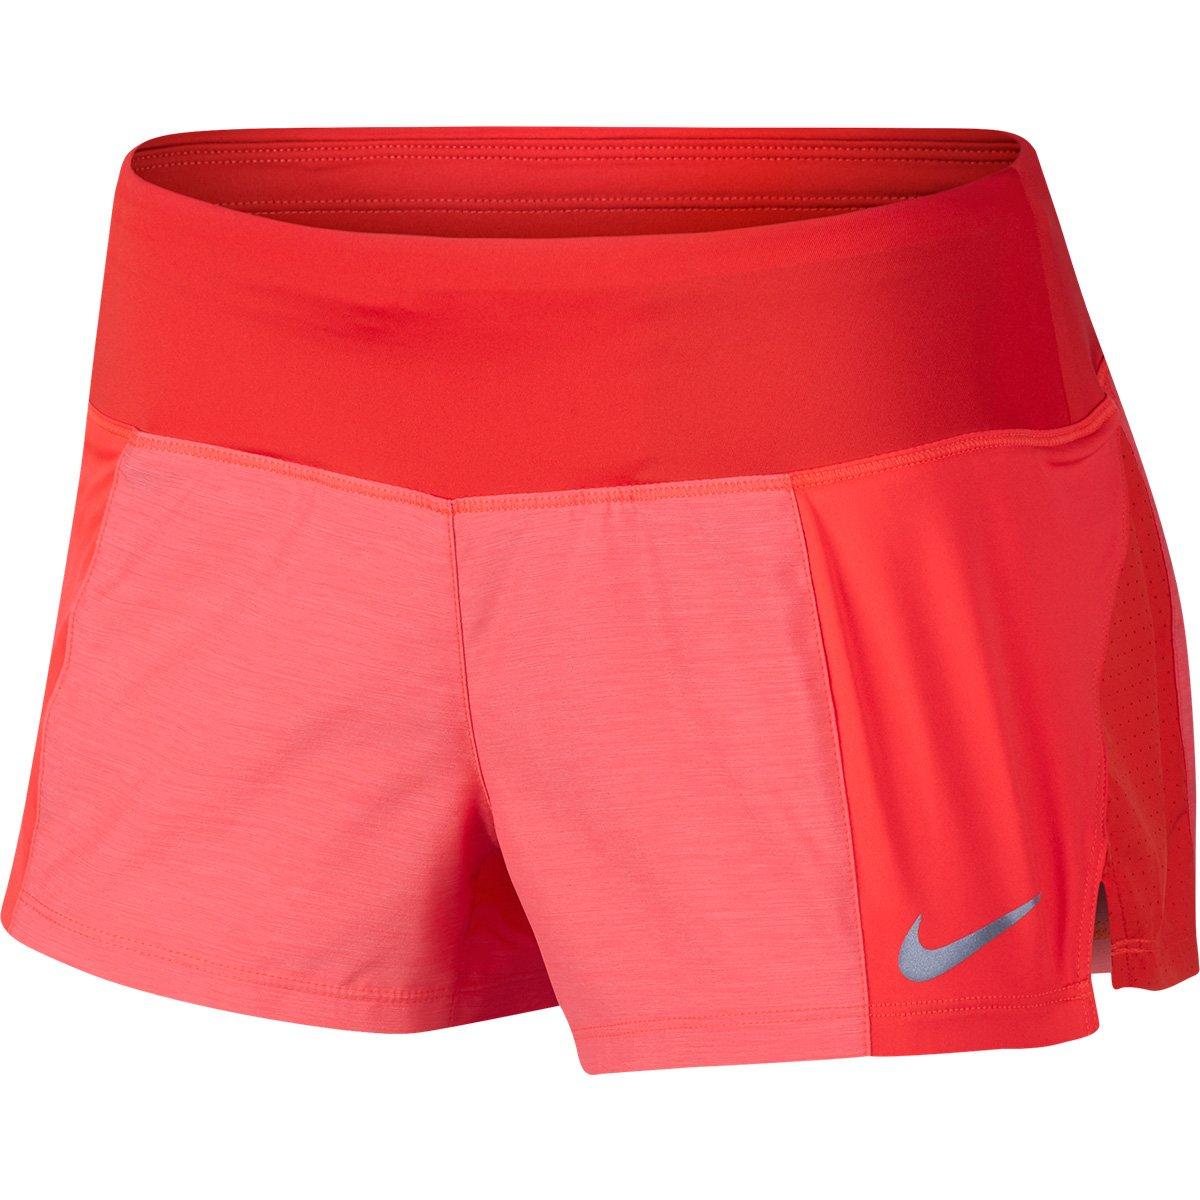 dd88c4d89f Short Nike Crew 2 Feminino - Vermelho - Compre Agora